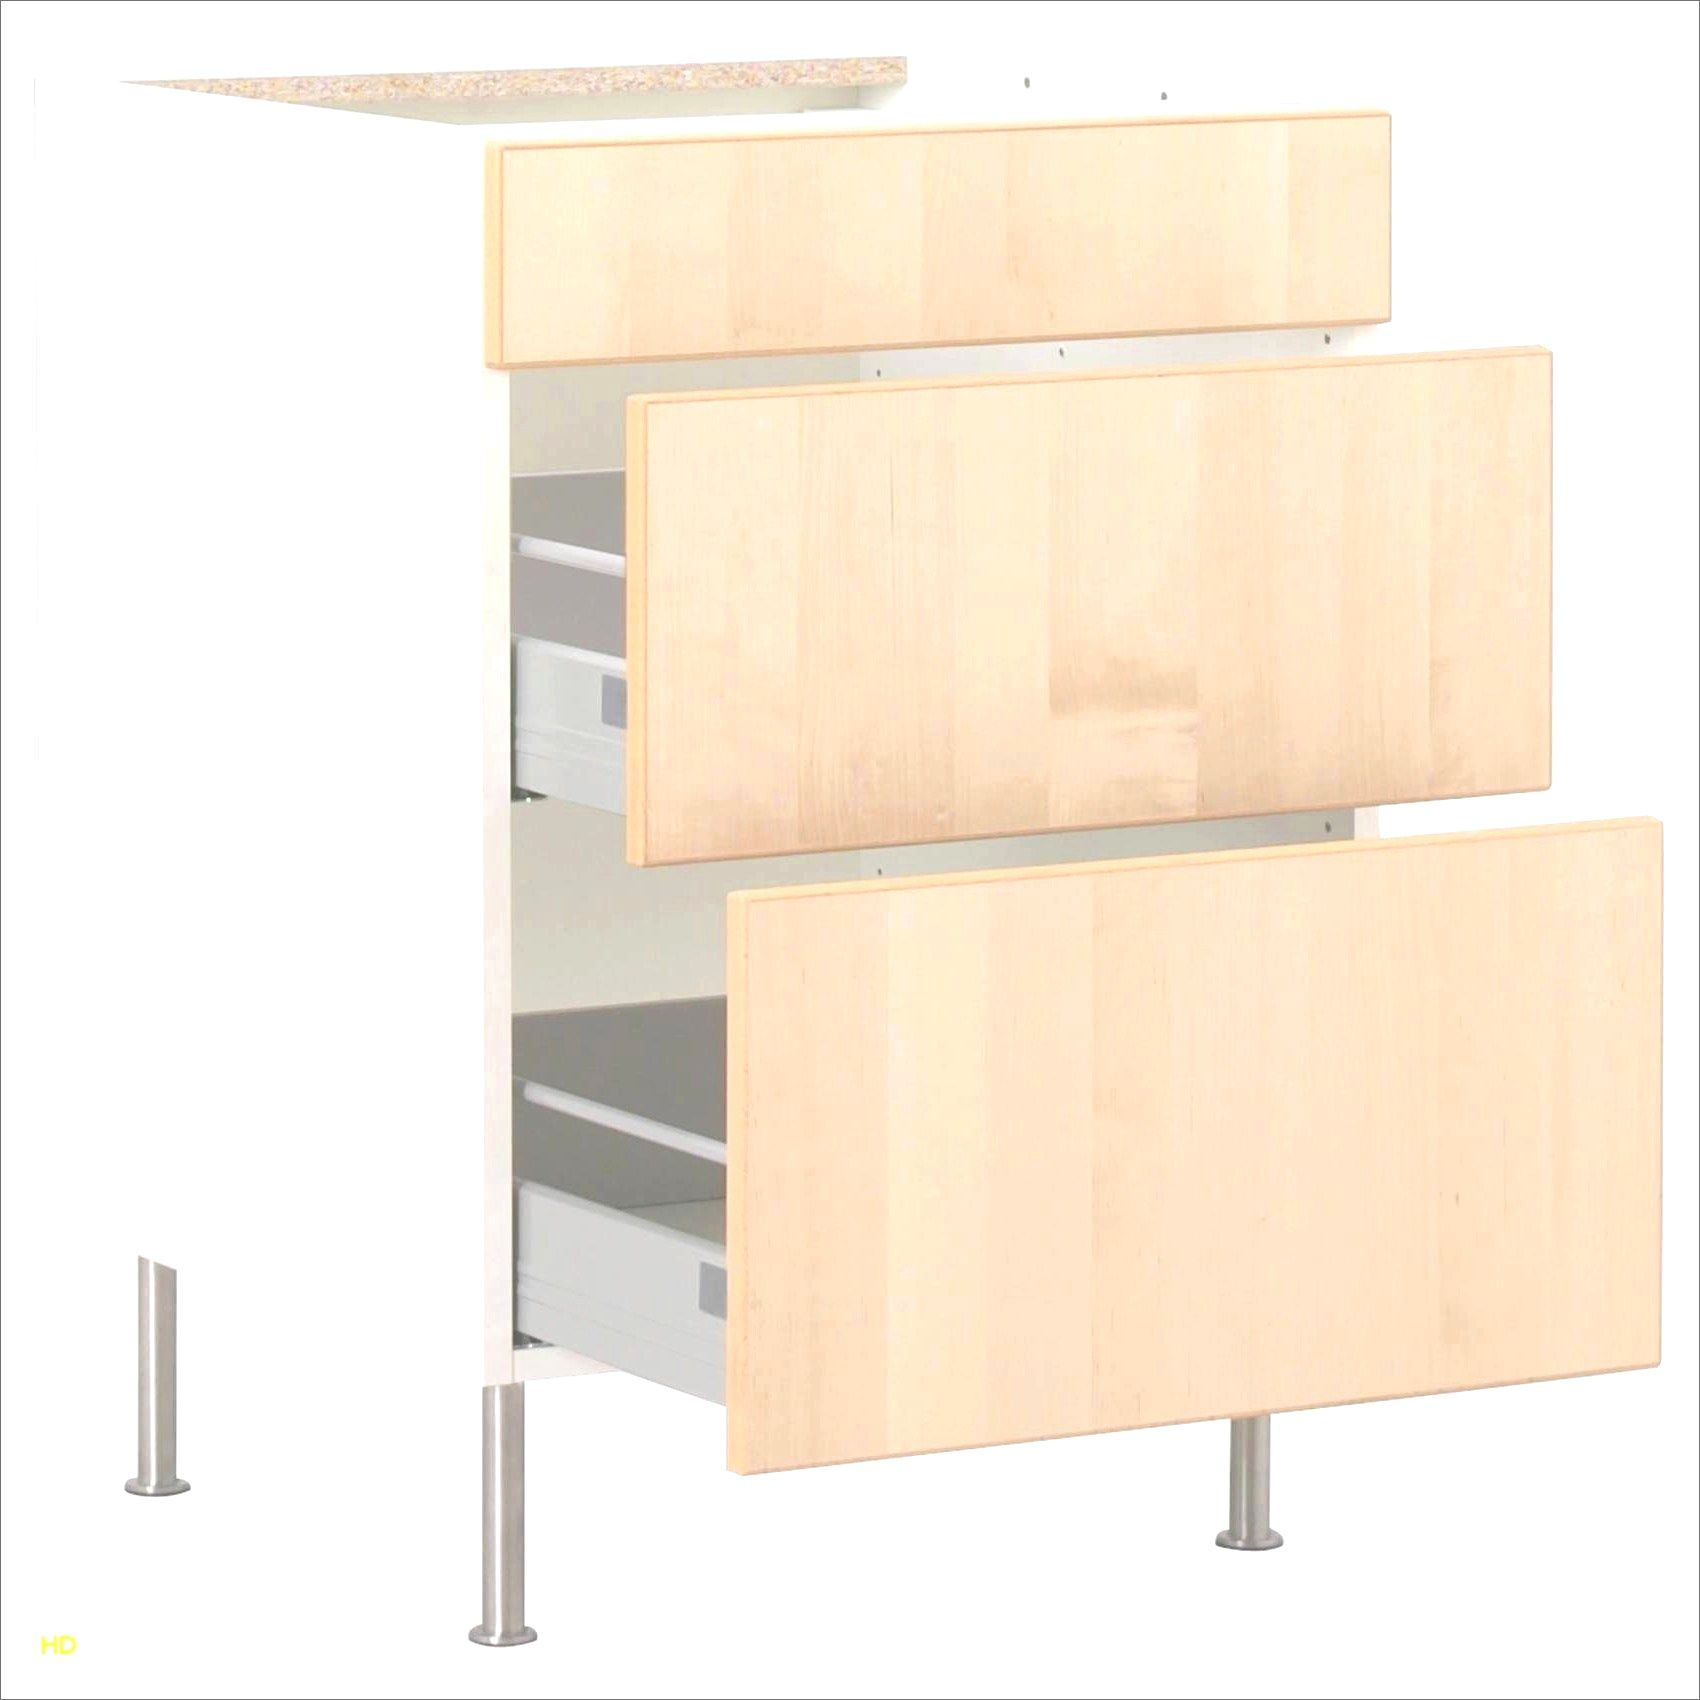 Plan De Travail Profondeur 40 Cm Trick Transformation De Meubles Meuble Bas Cuisine Ikea